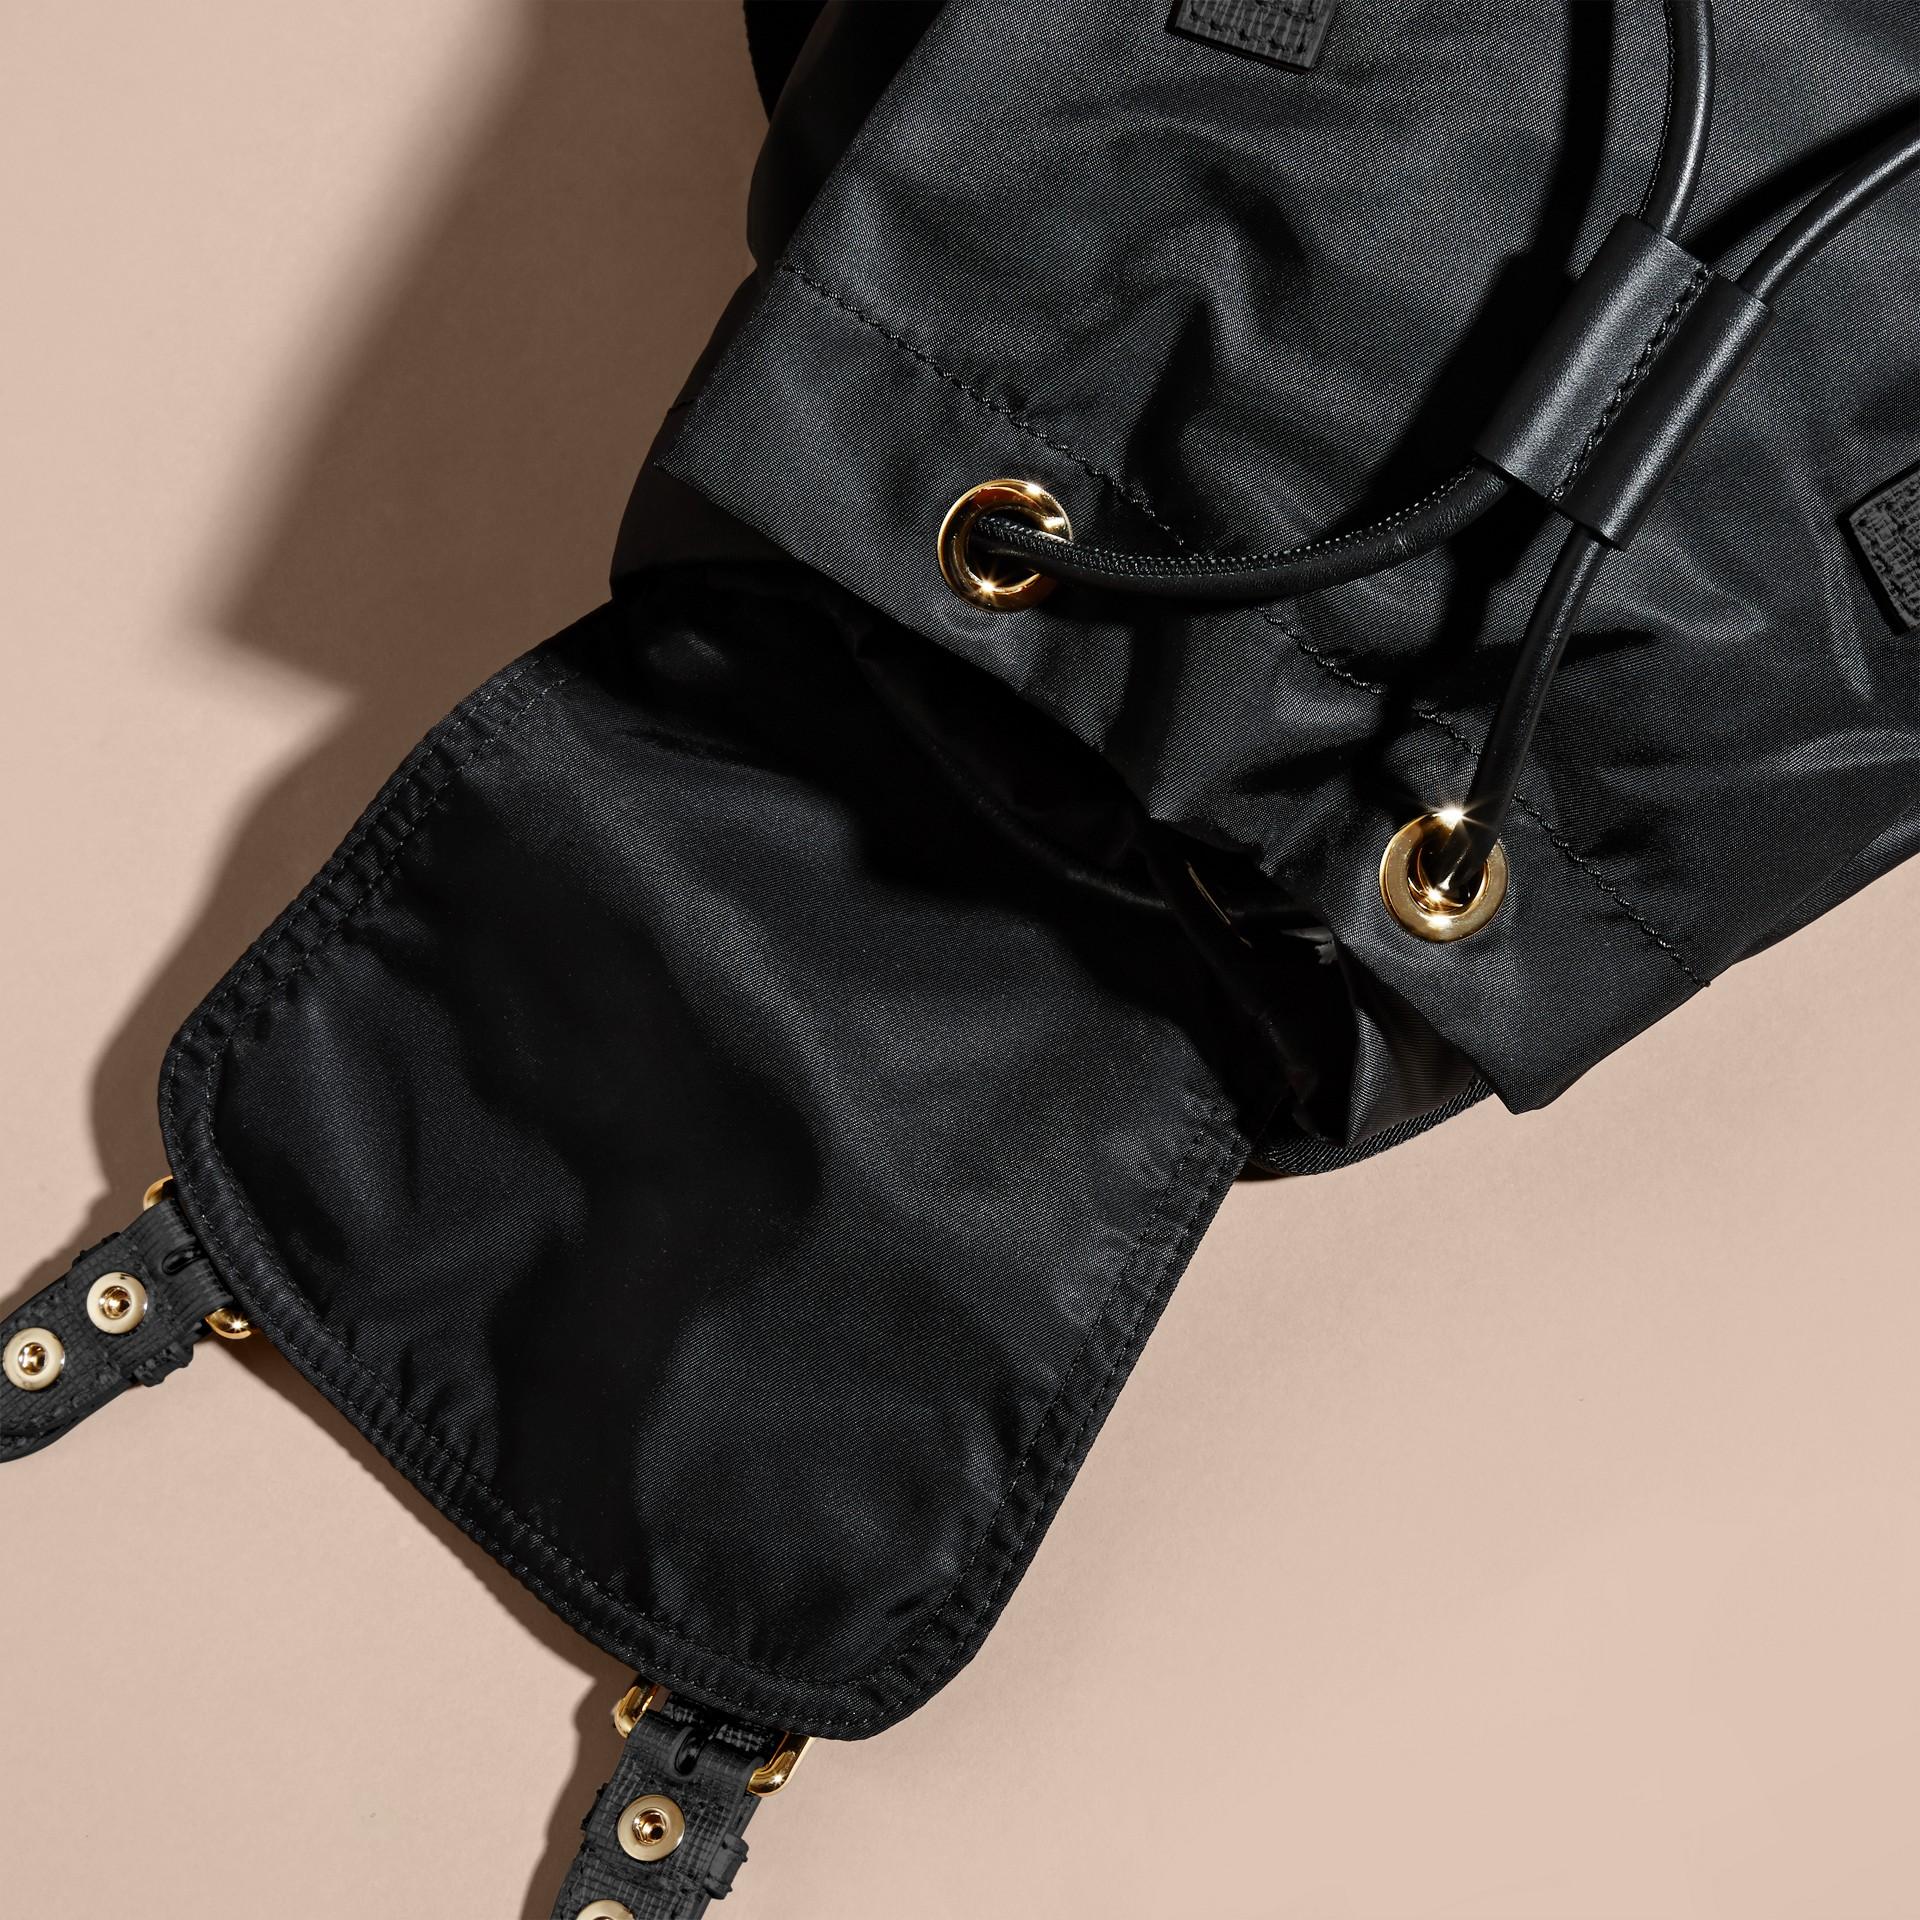 Nero/oro Zaino The Rucksack medio in nylon bicolore e pelle Nero/oro - immagine della galleria 5